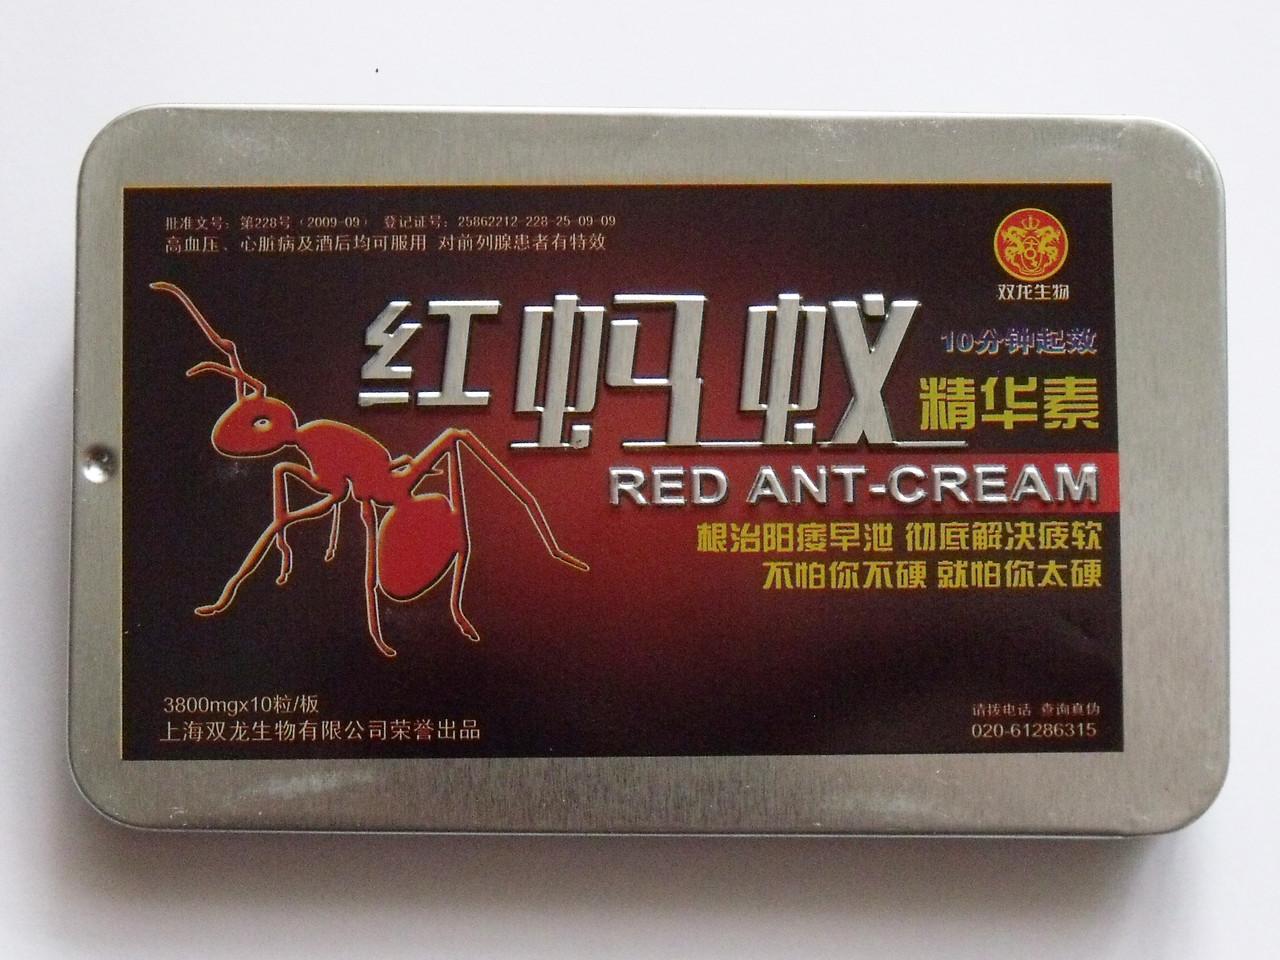 Китайские препараты для повышения потенции у мужчин, китайские таблетки для потенции фото